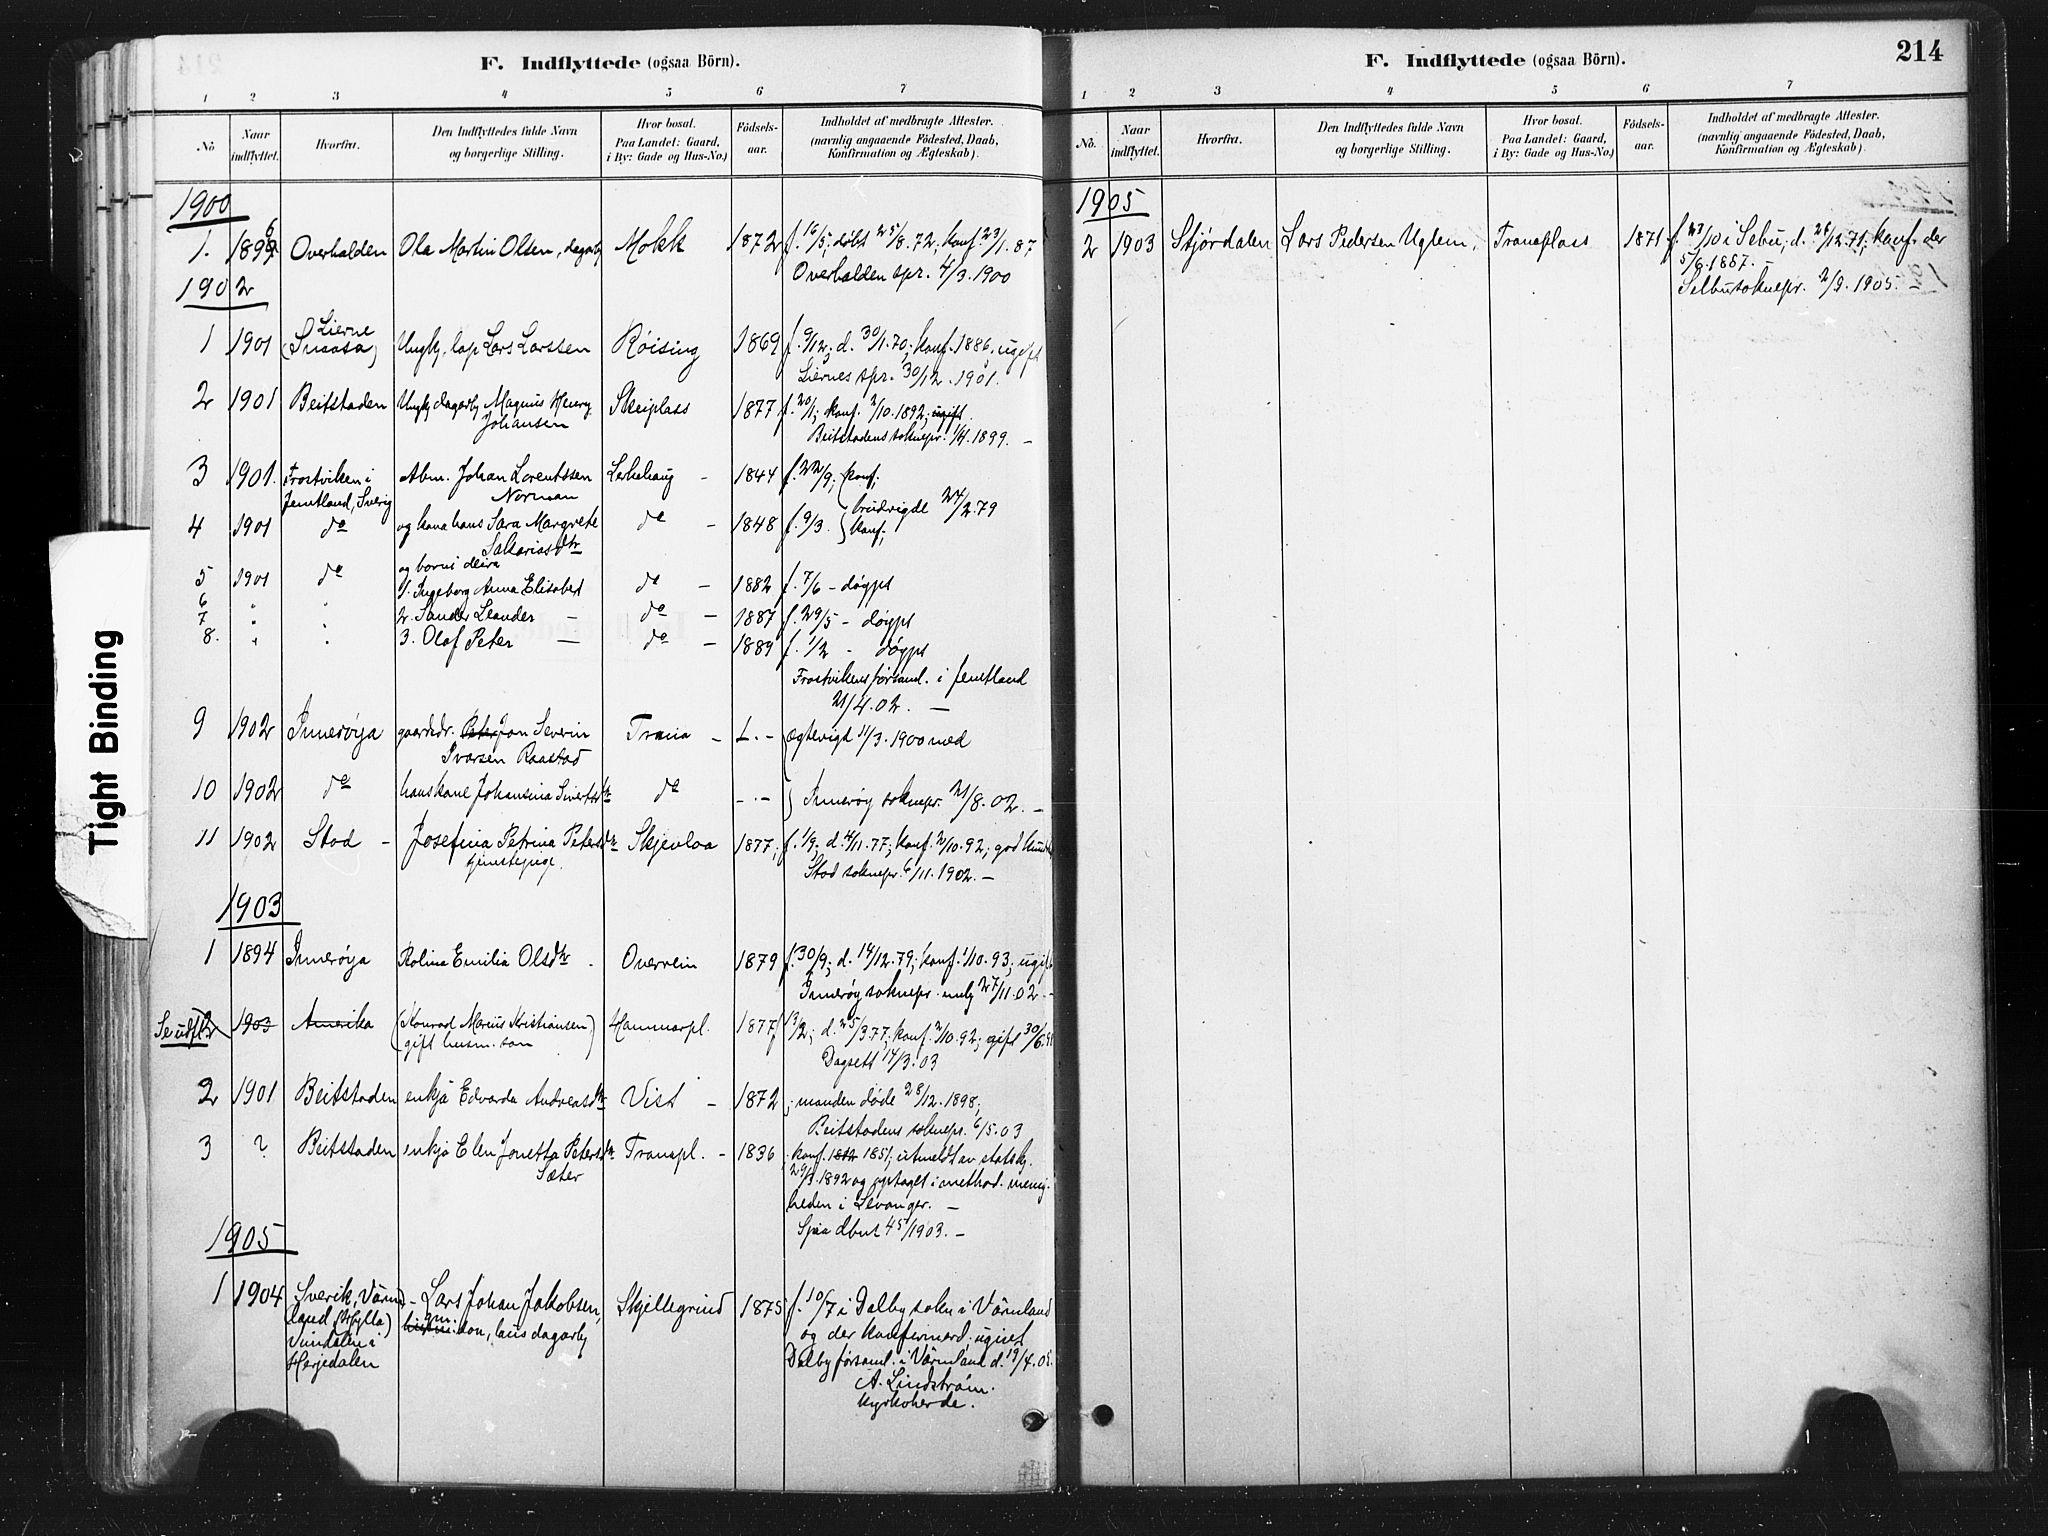 SAT, Ministerialprotokoller, klokkerbøker og fødselsregistre - Nord-Trøndelag, 736/L0361: Ministerialbok nr. 736A01, 1884-1906, s. 214